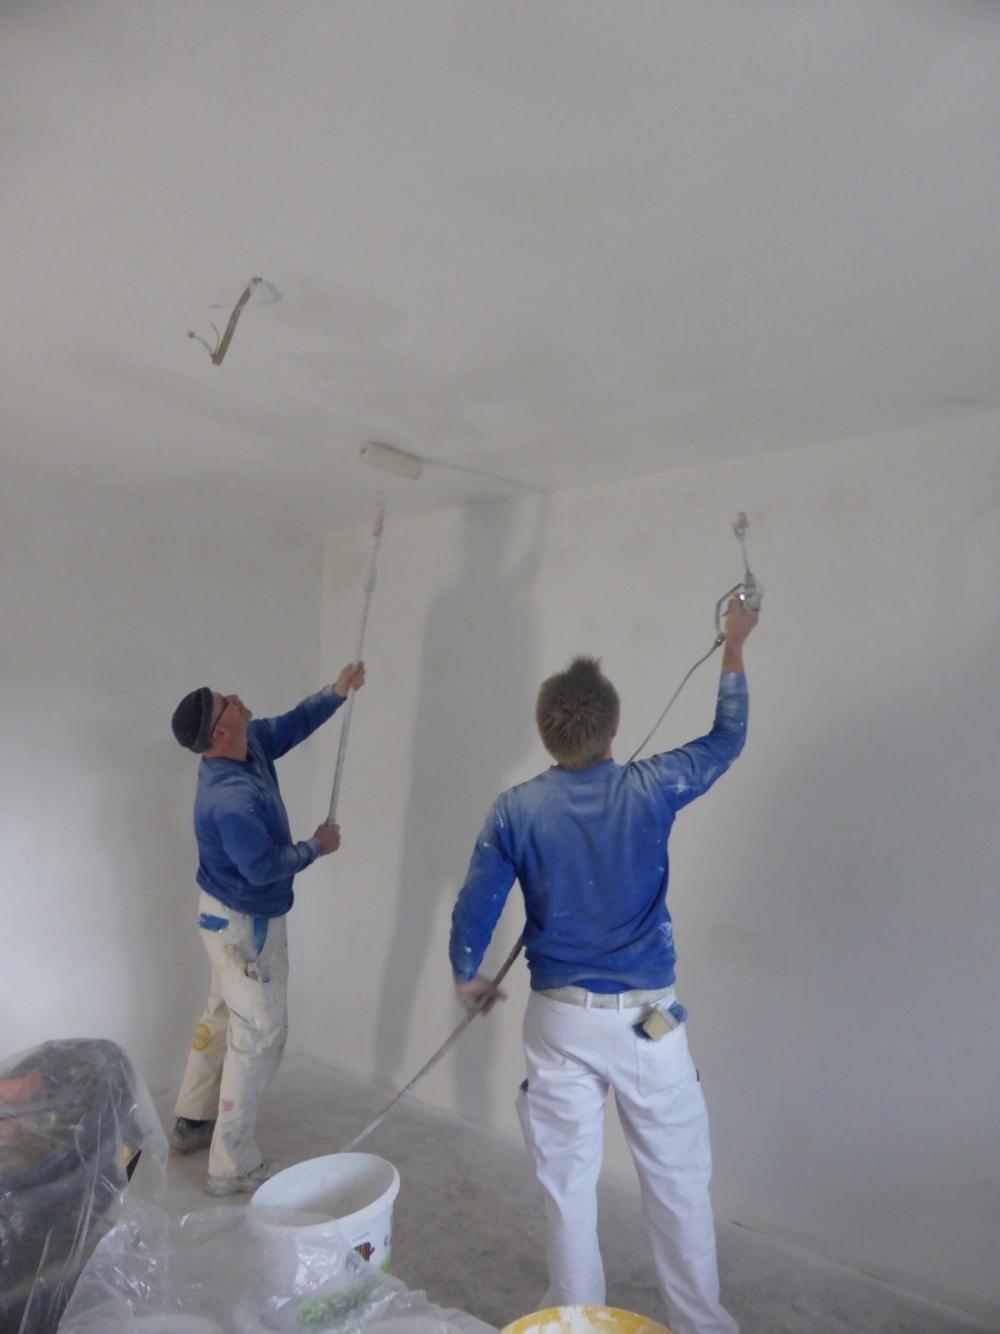 Maler bei der Arbeit - Deckenanstrich durchgeführt von Mitarbeitern des Malerbetrieb Malermeister Bönninger.